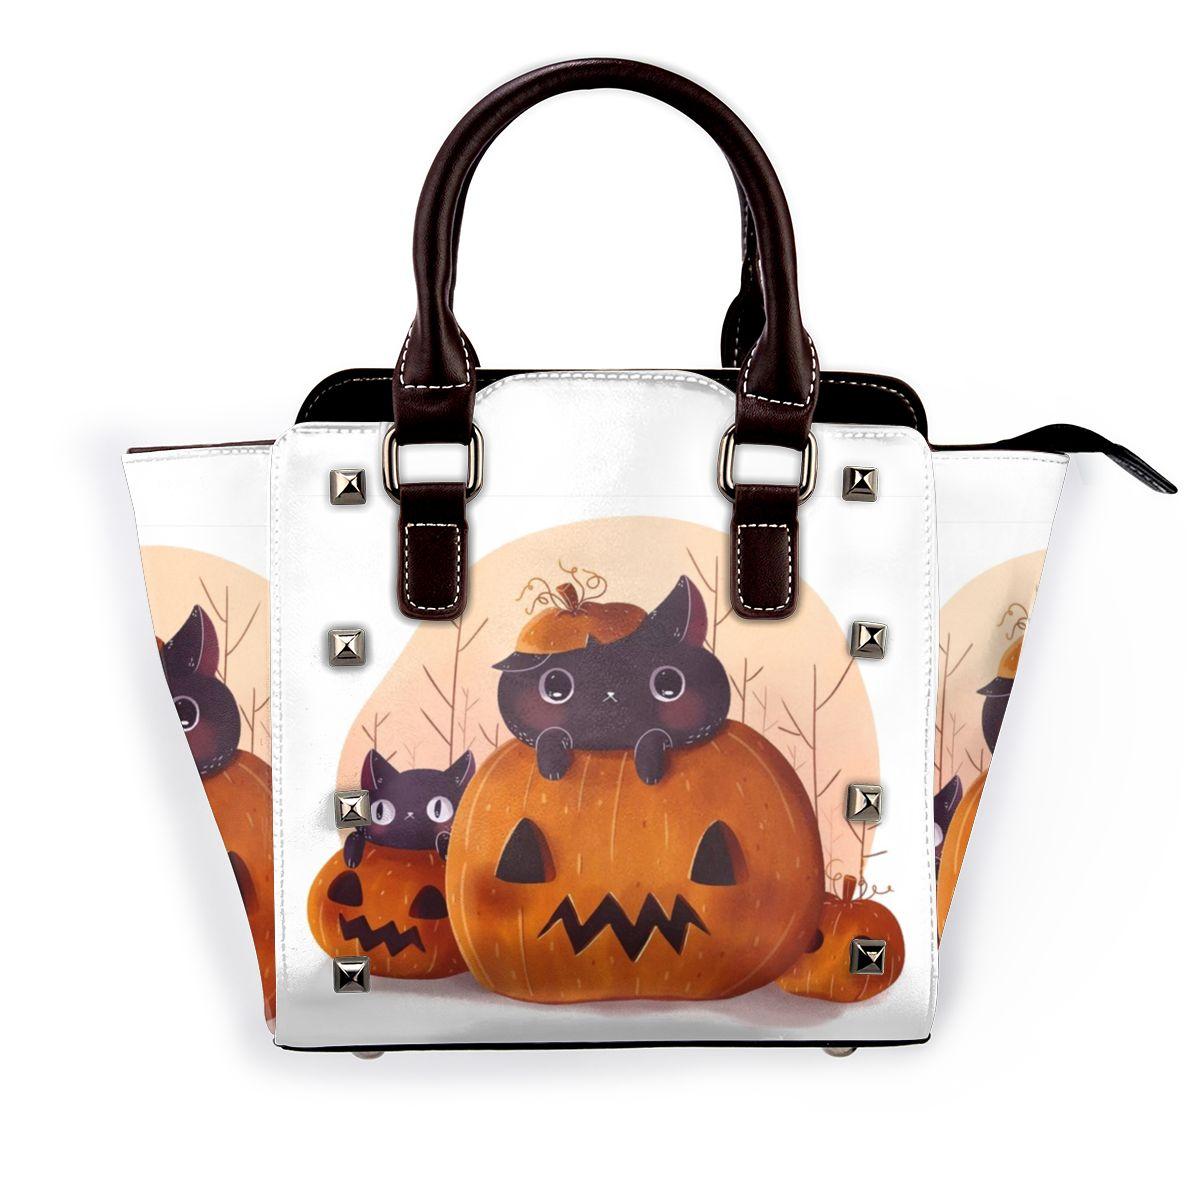 هالوين اليقطين لطيف القطط حقيبة كتف الحيوان العمل حقيبة يد جلدية الإناث الهدايا حقائب الجمالية